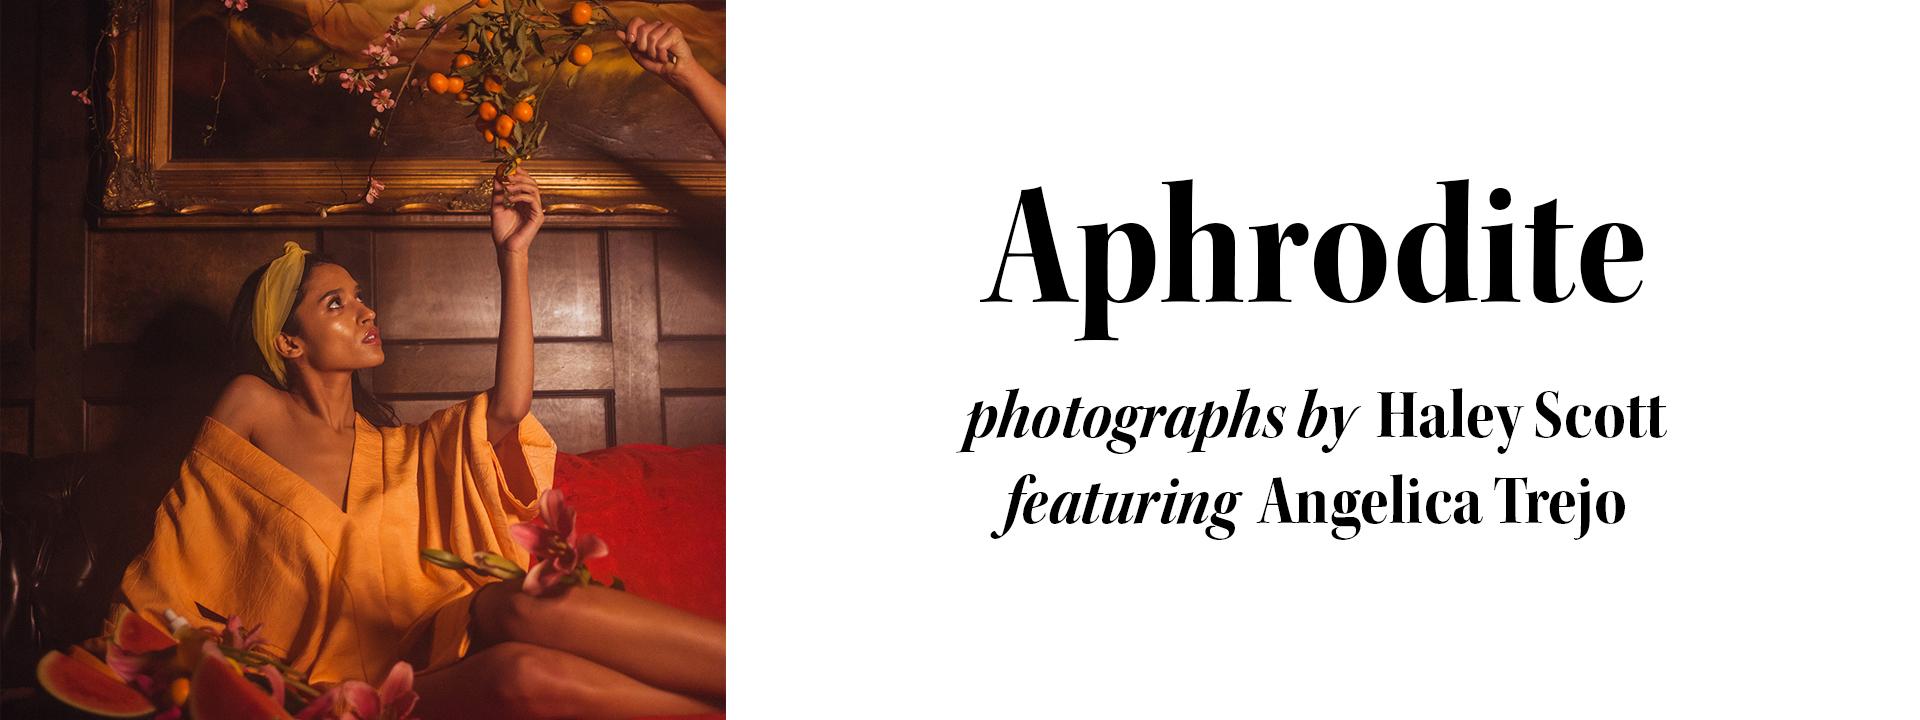 DB_LB_Aphrodite_Index.jpg